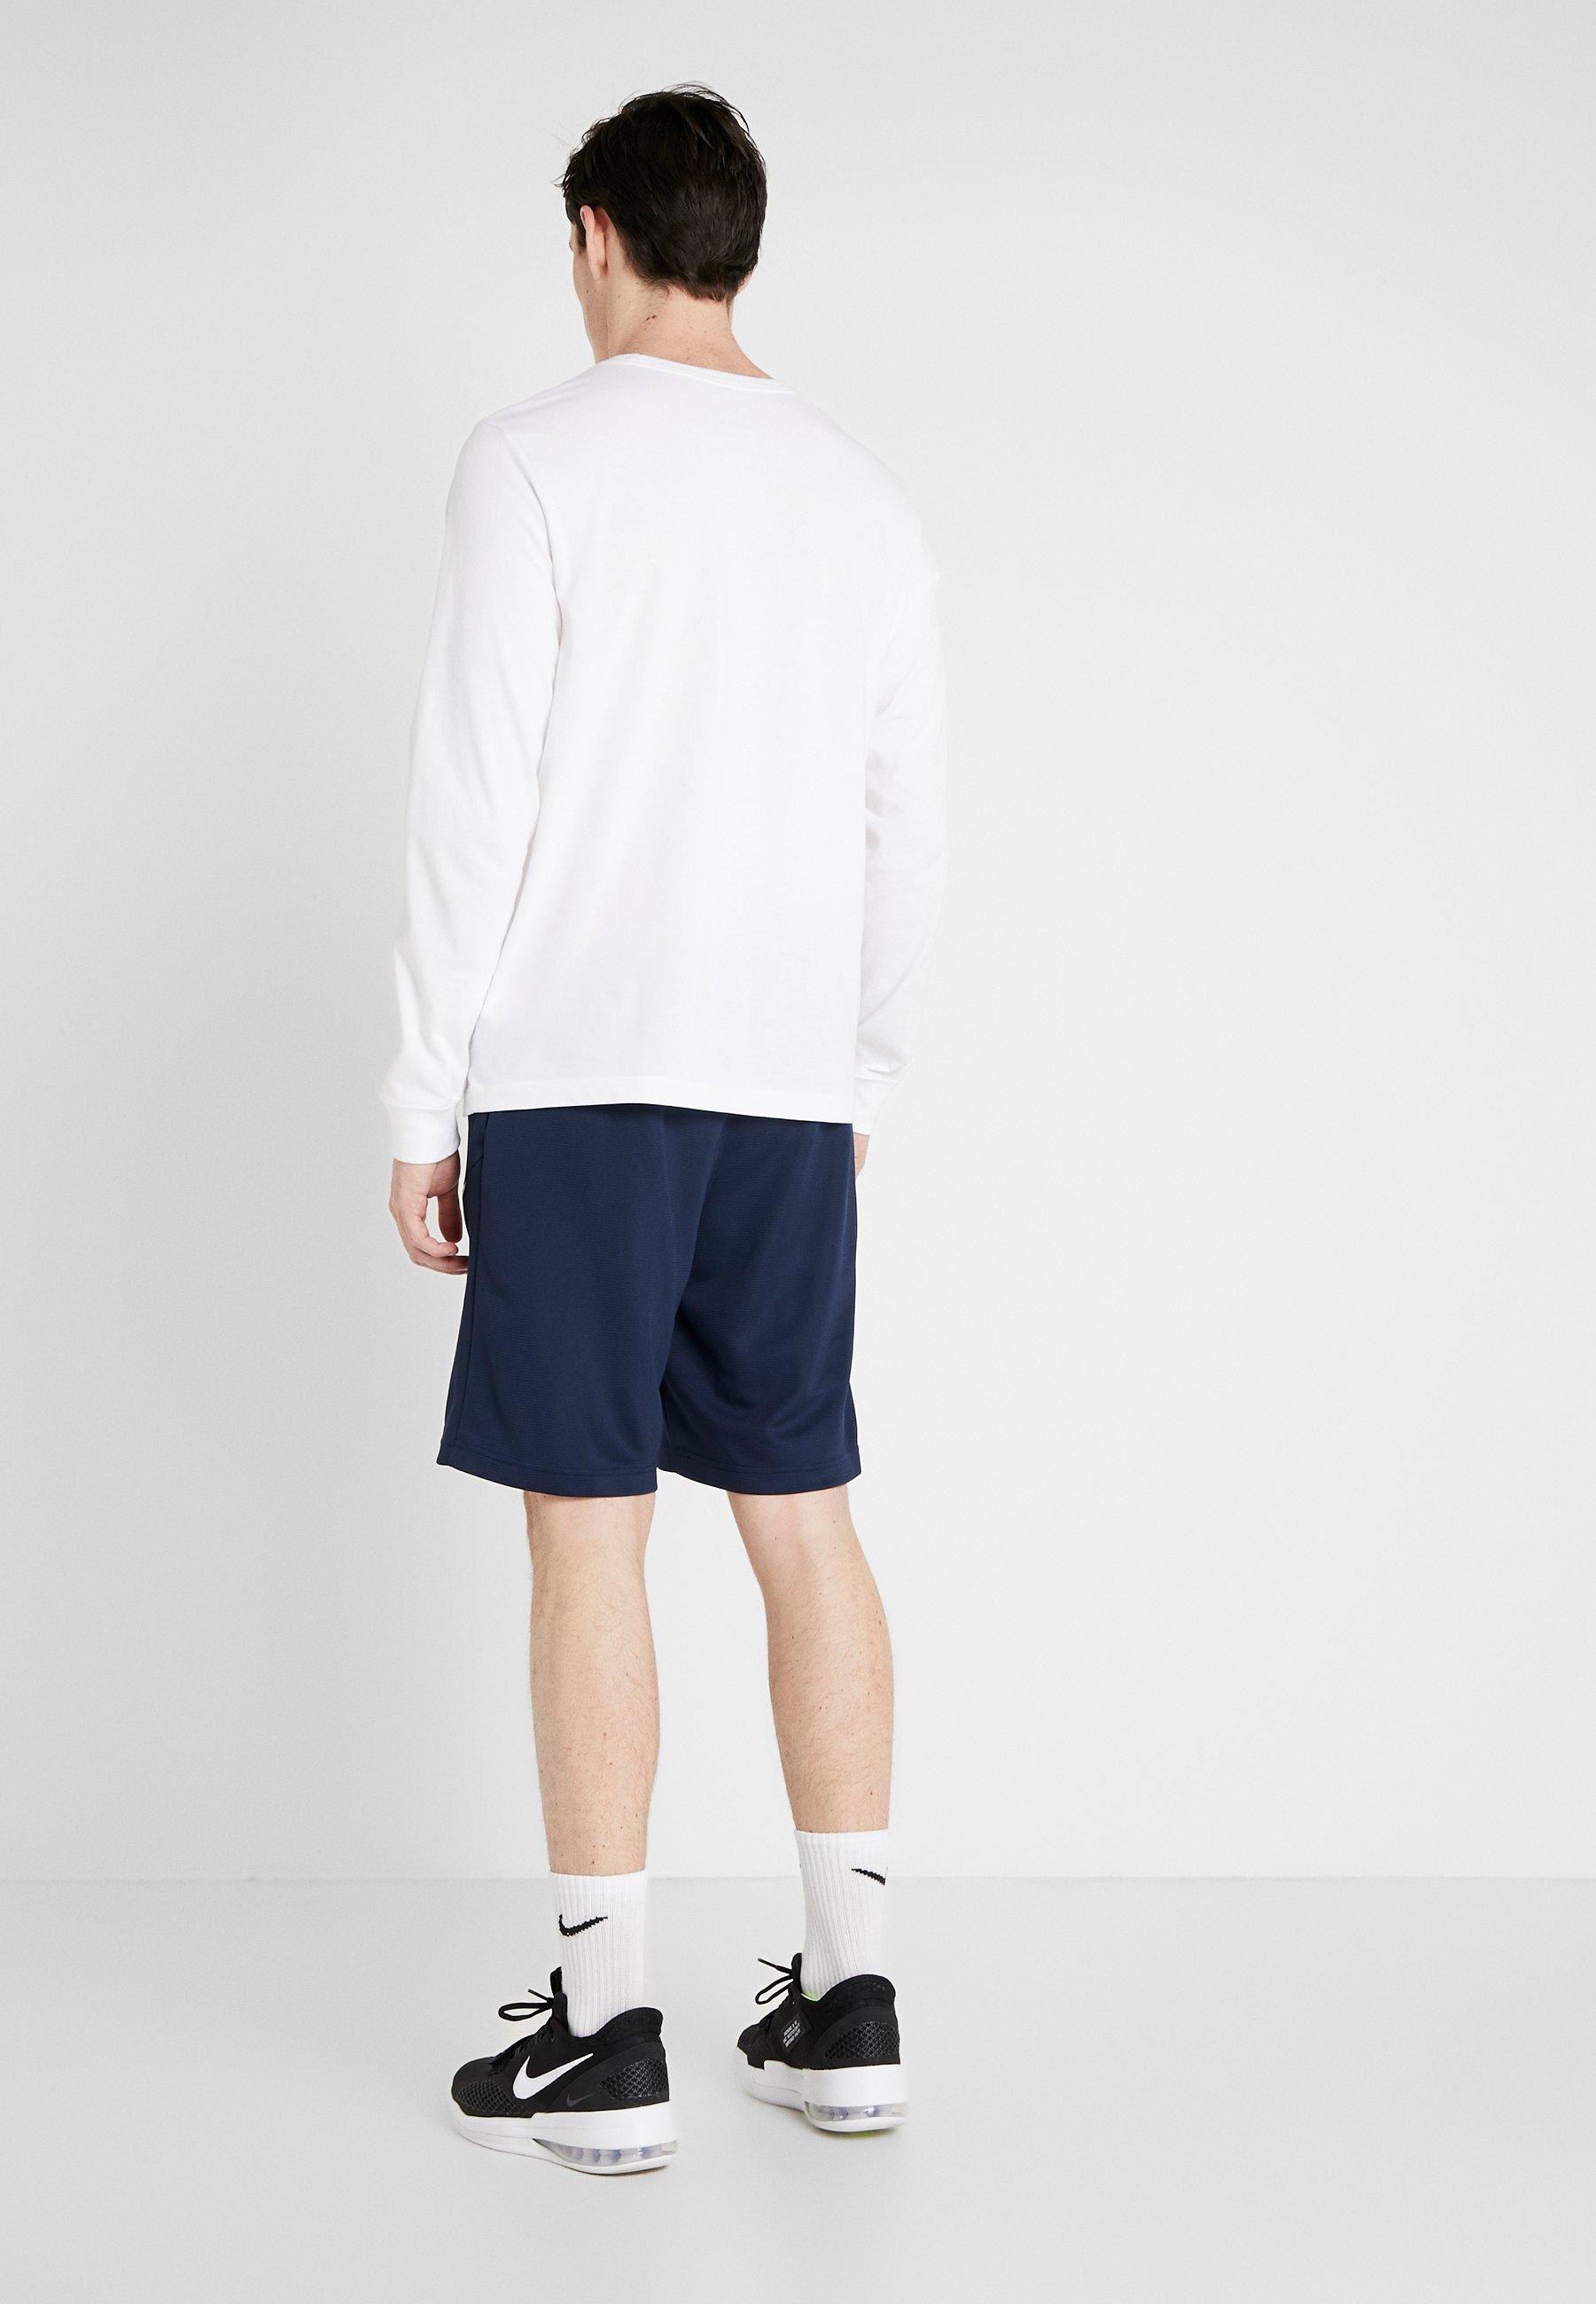 Nike Performance Dry Short - De Sport Obsidian/white